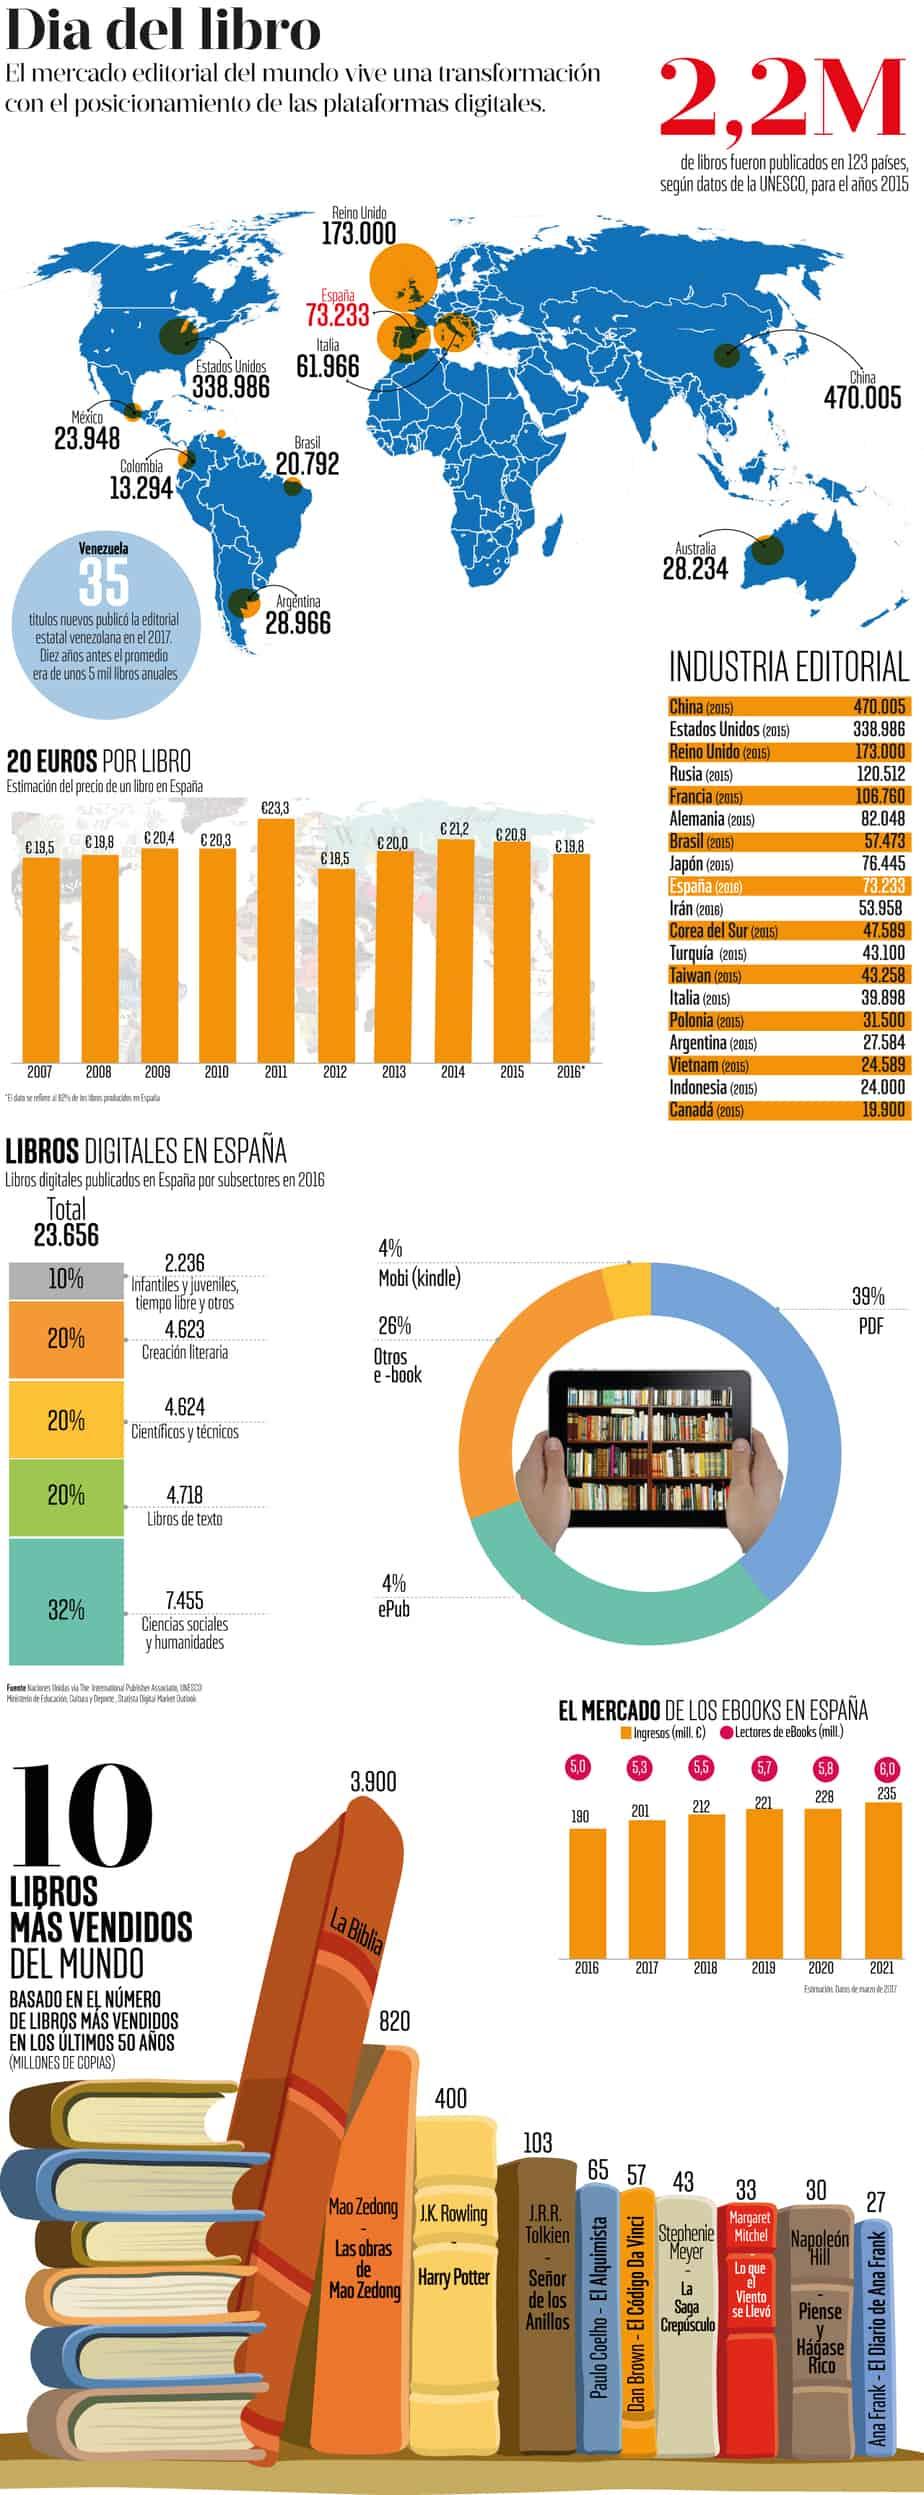 los países con más libros y los libros más vendidos del mundo